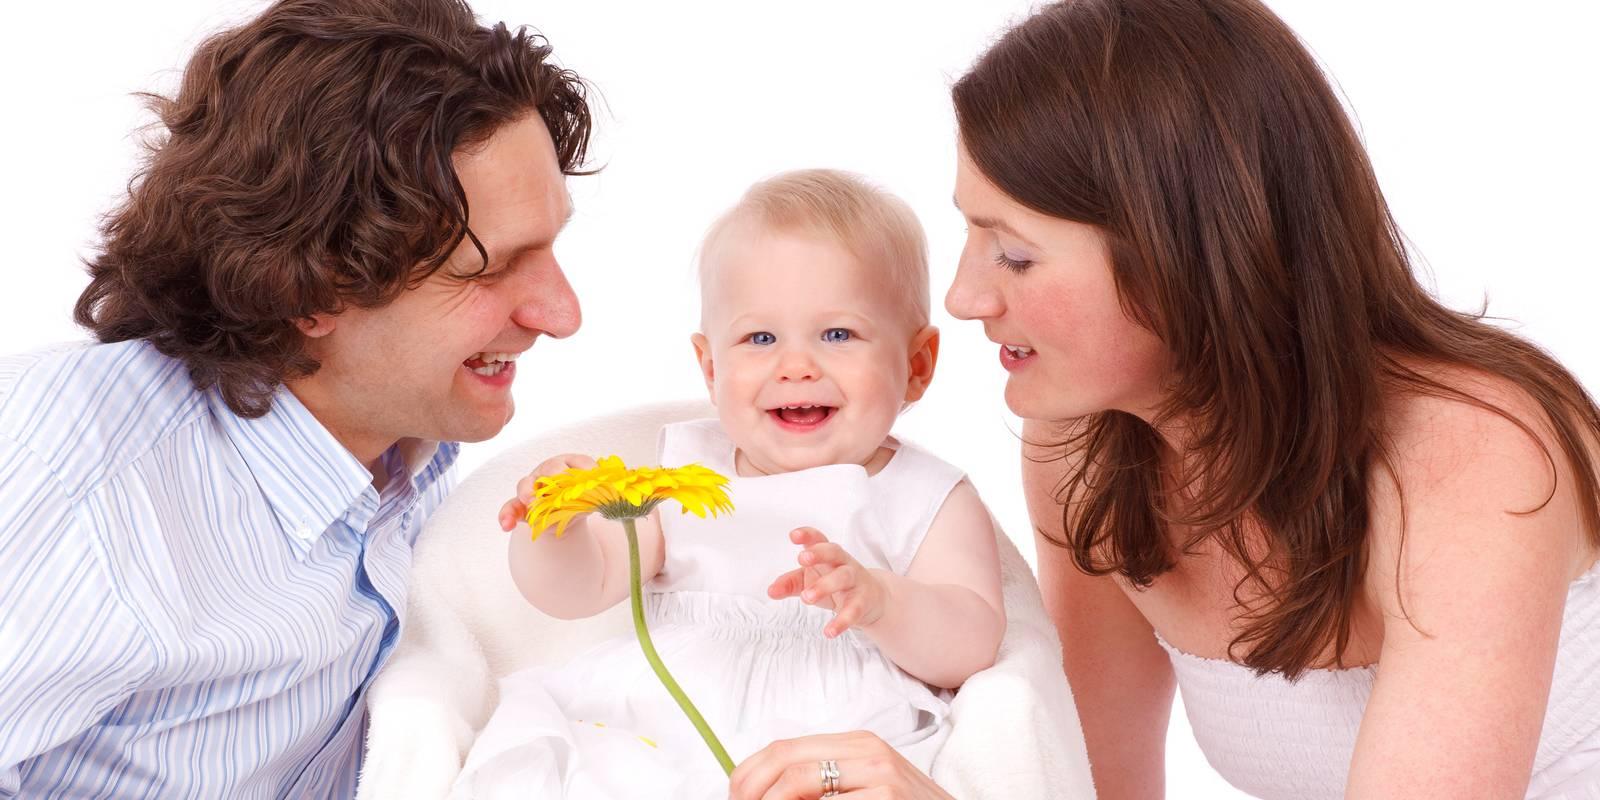 Quelle Remuneration Pour Un Conge Parental Previssima